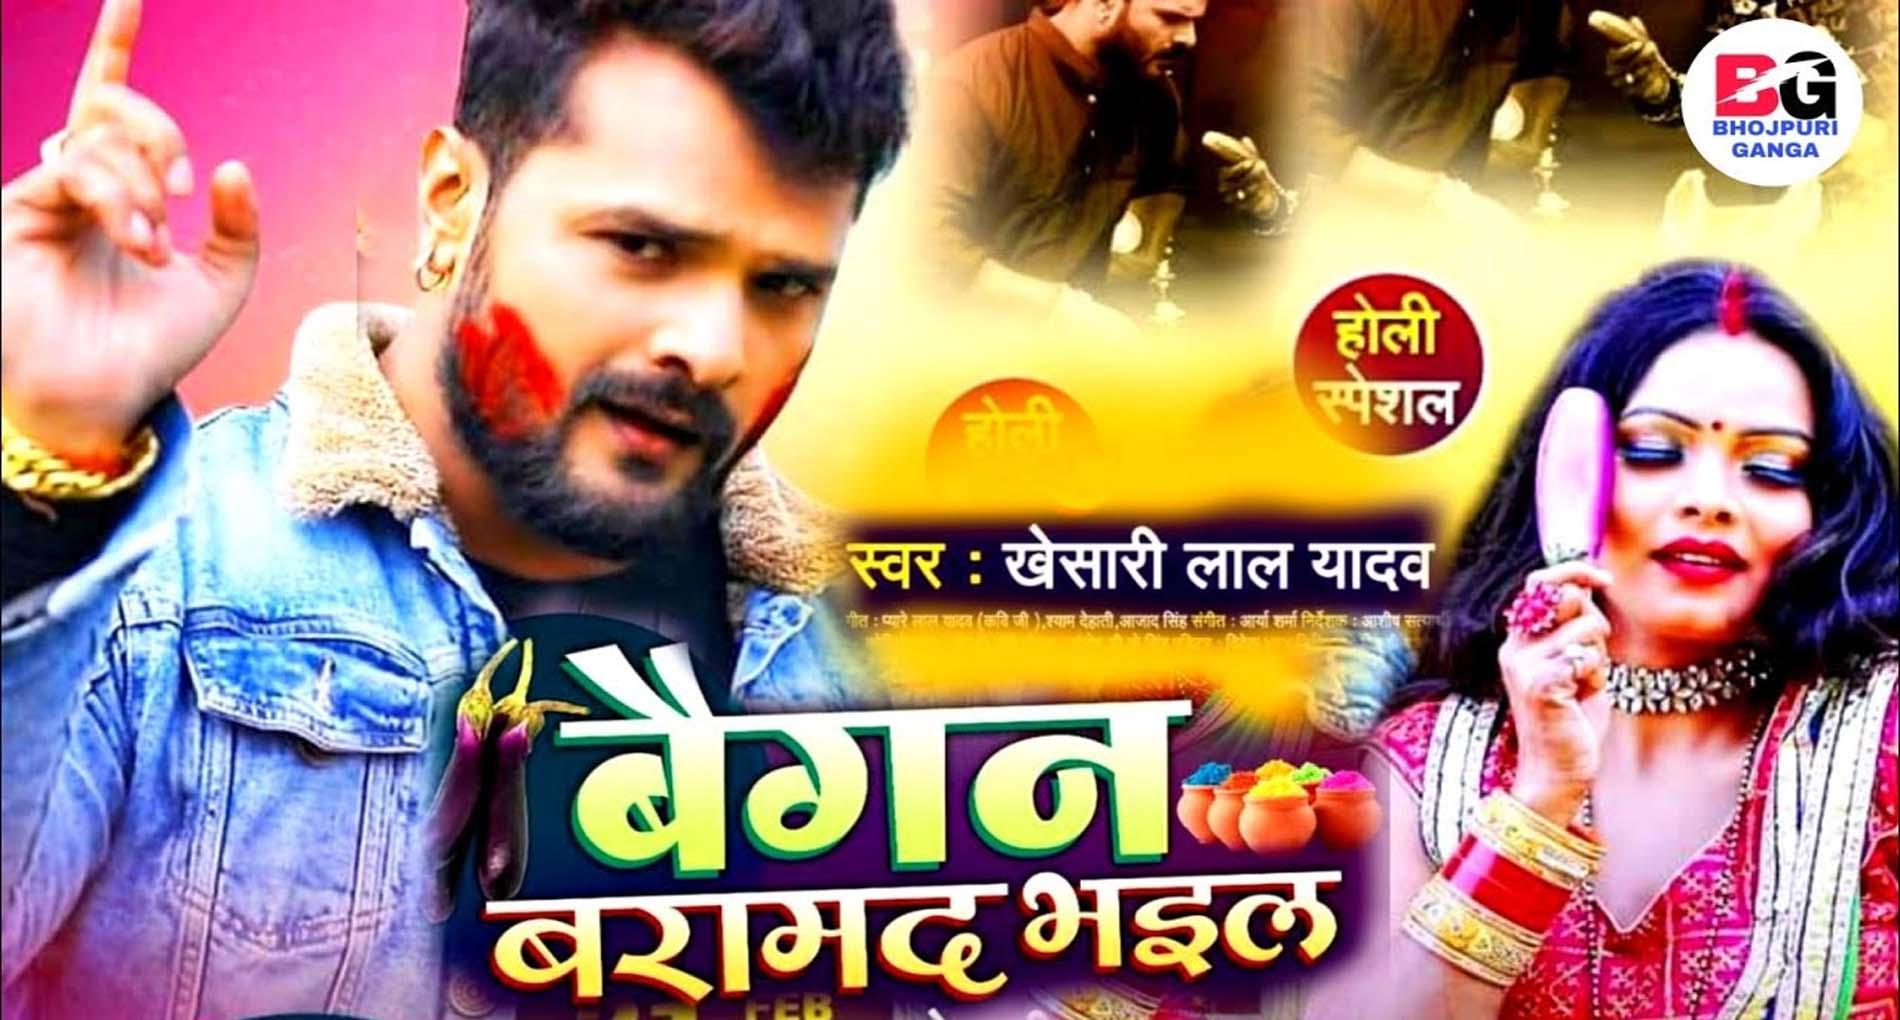 Khesari Lal Yadav Holi Song: खेसाली लाल के नए होली सॉन्ग 'बैगन बरामद भईल' ने मचाया धमाल!